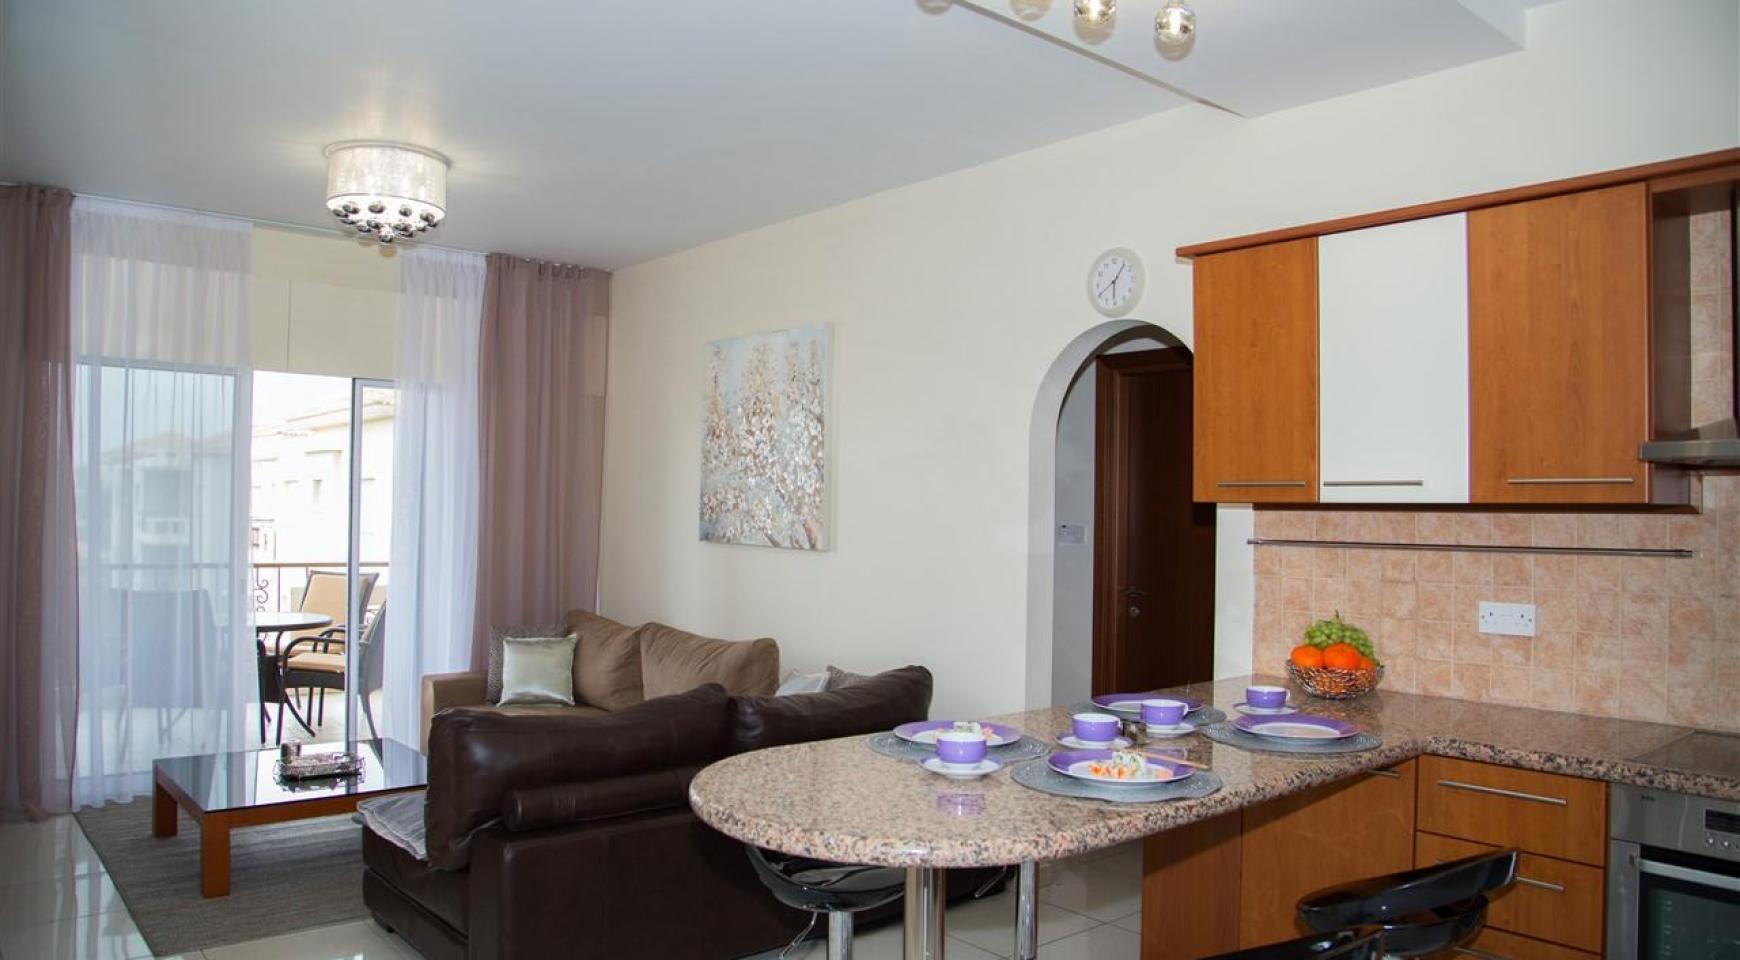 """2-Спальная Квартира - Люкс """"Mesogios Iris 304"""" в Туристической Зоне возле Моря - 2"""